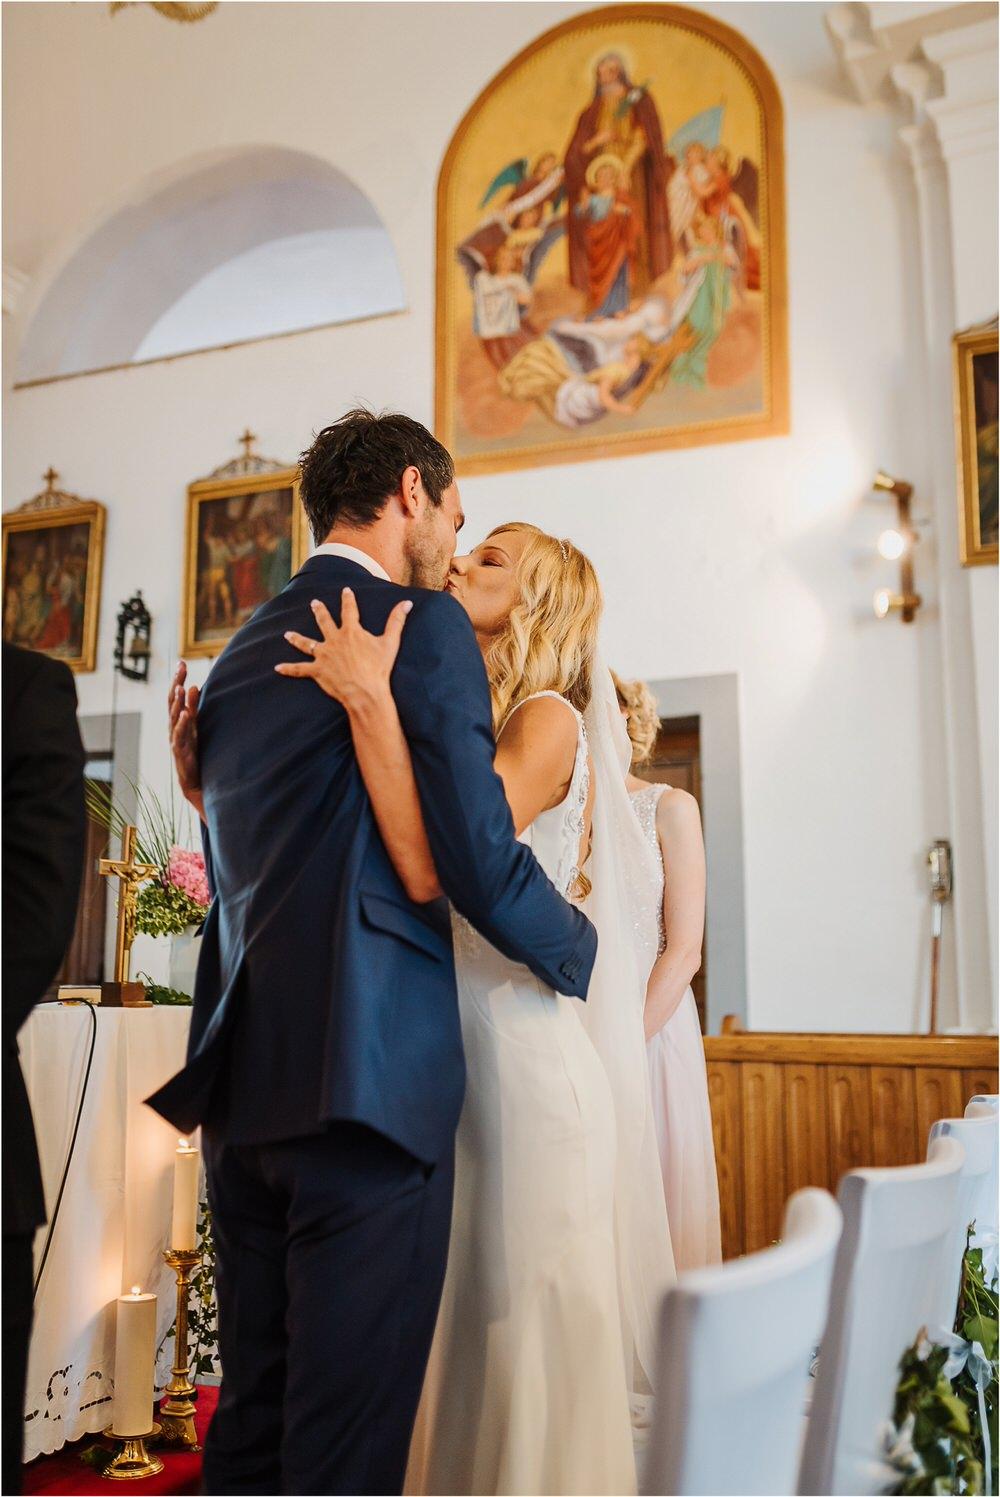 tri lucke slovenija krsko posavje poroka porocni fotograf fotografiranje elegantna poroka vinograd classy elegant wedding slovenia 0024.jpg